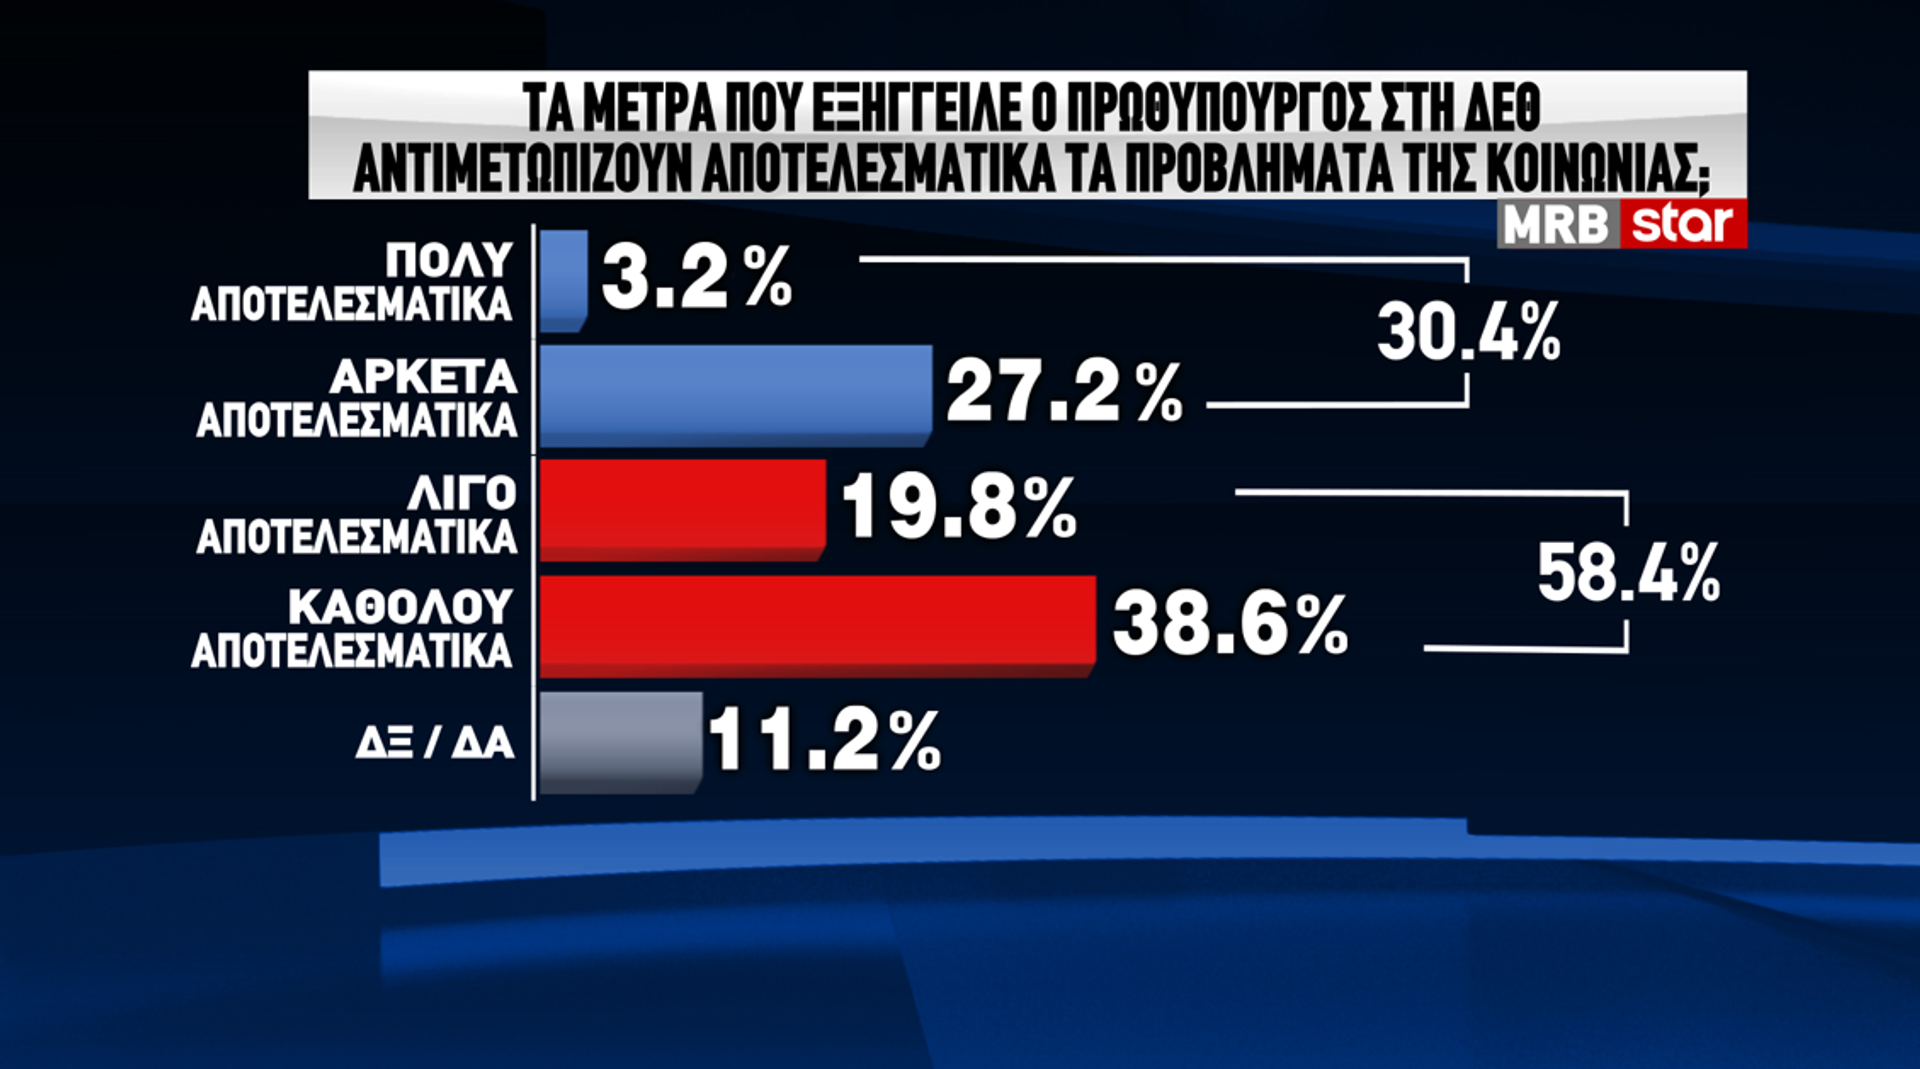 Δημοσκόπηση STAR την 16η Σεπτεμβρίου - Sputnik Ελλάδα, 1920, 16.09.2021